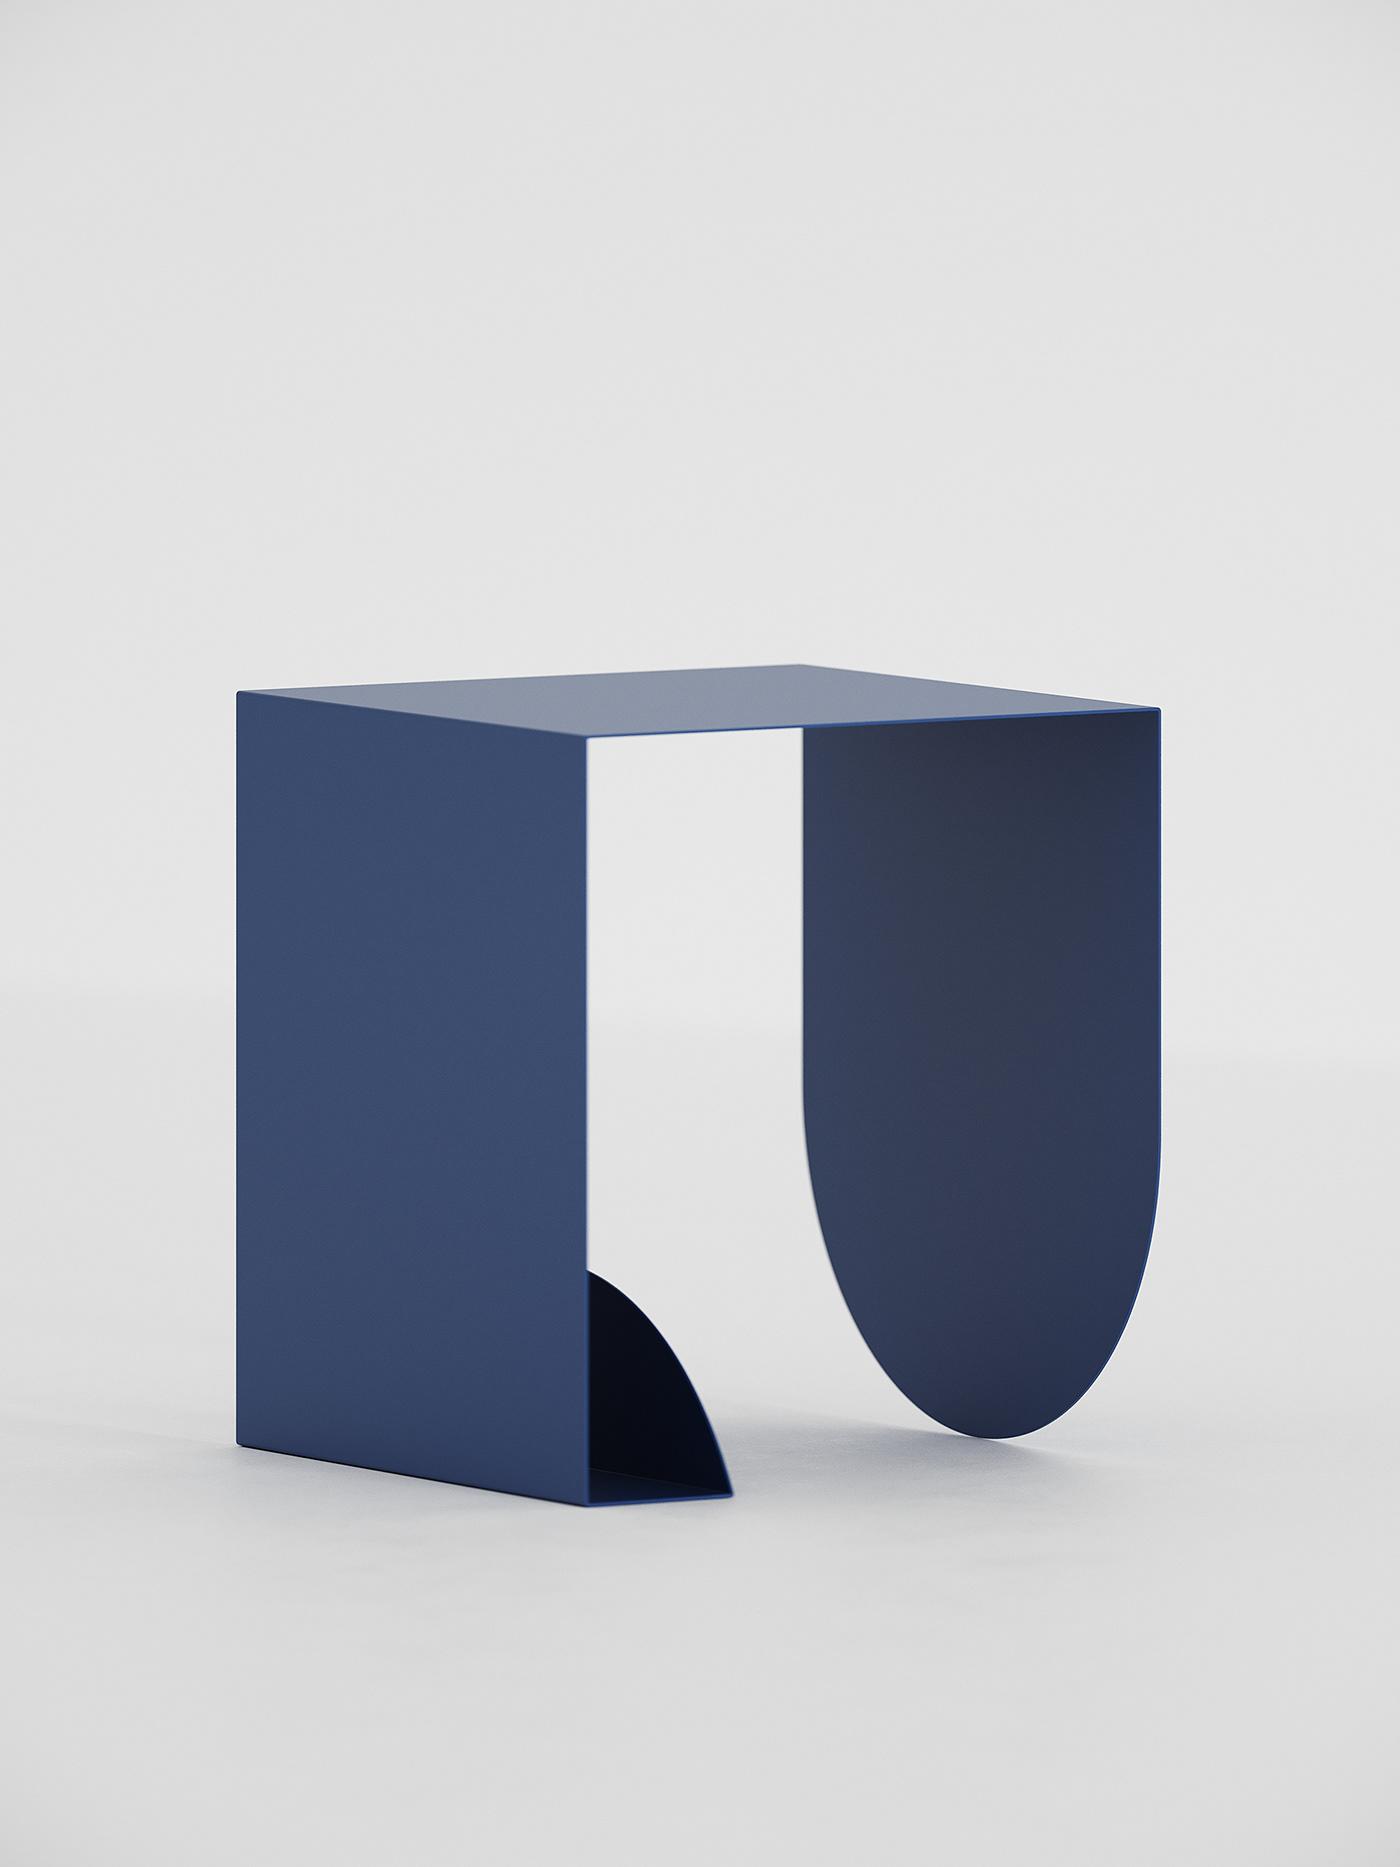 3dmax 3dsmax CoronaRender  coronarenderer furniture Interior